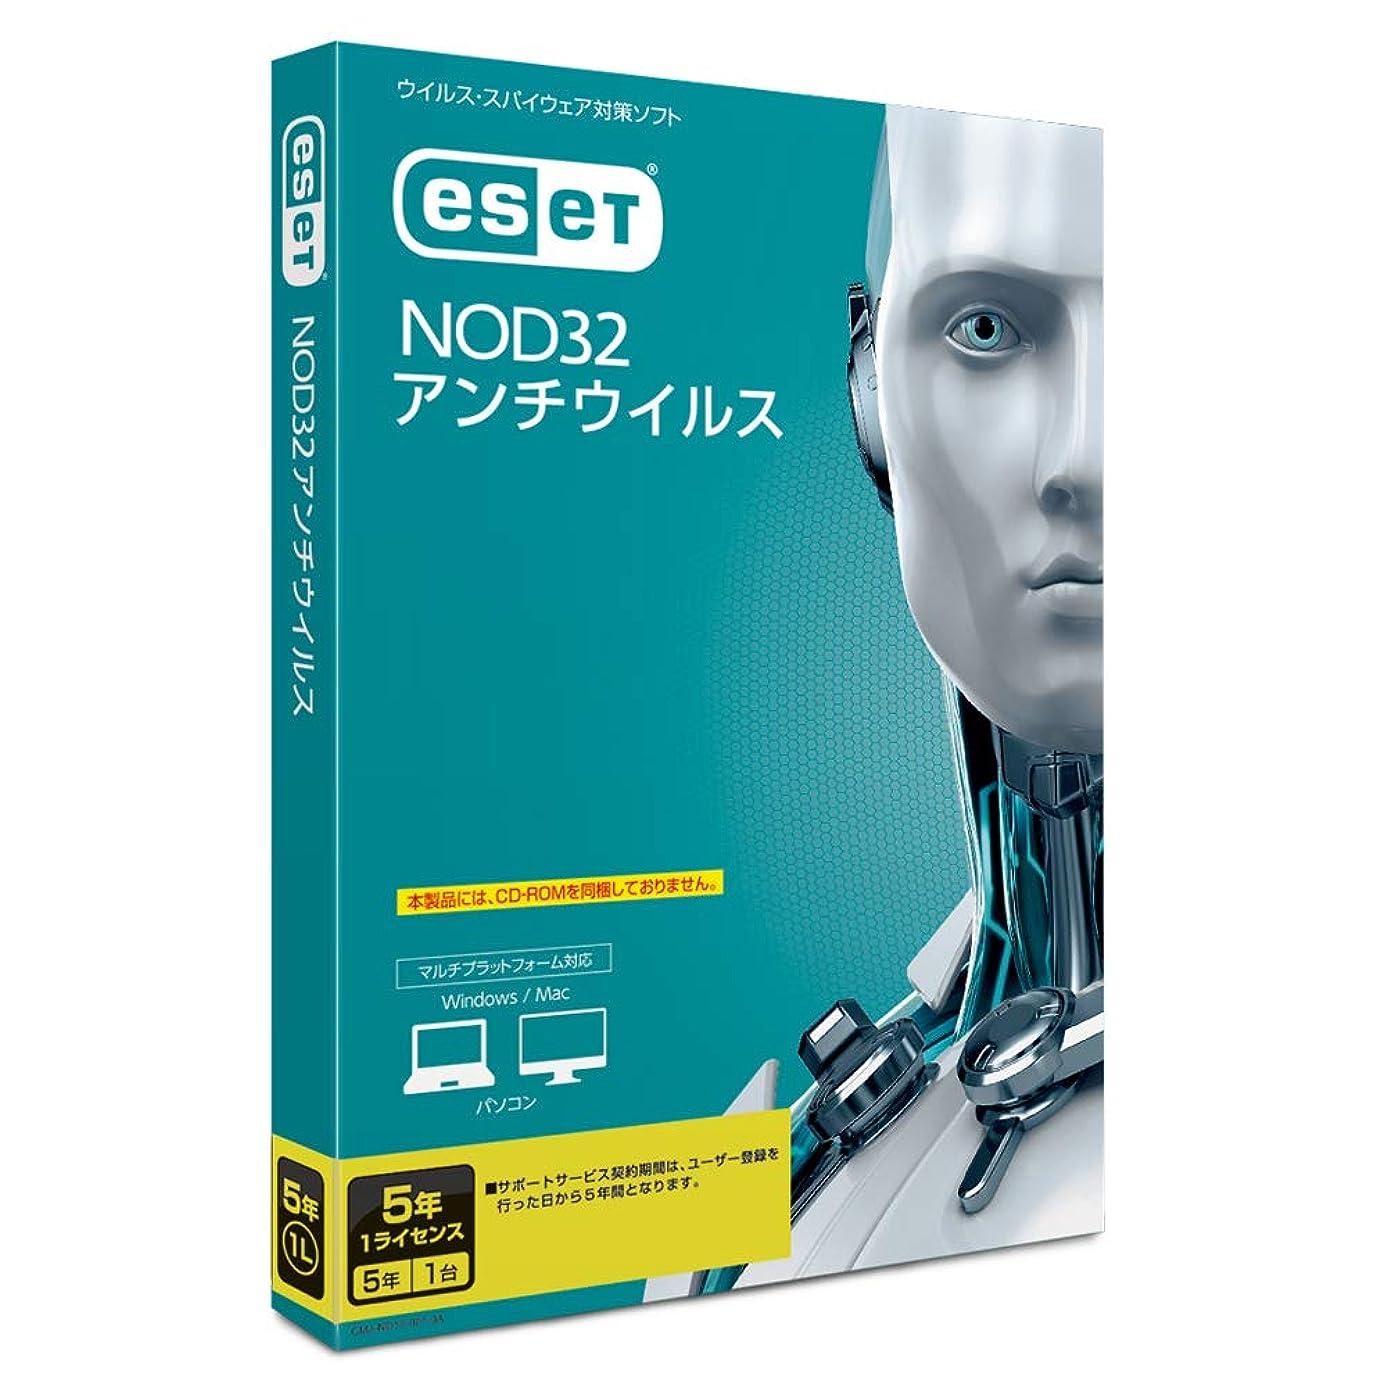 仲間貢献する家庭ESET NOD32アンチウイルス(最新)|1台5年版|Win/Mac対応